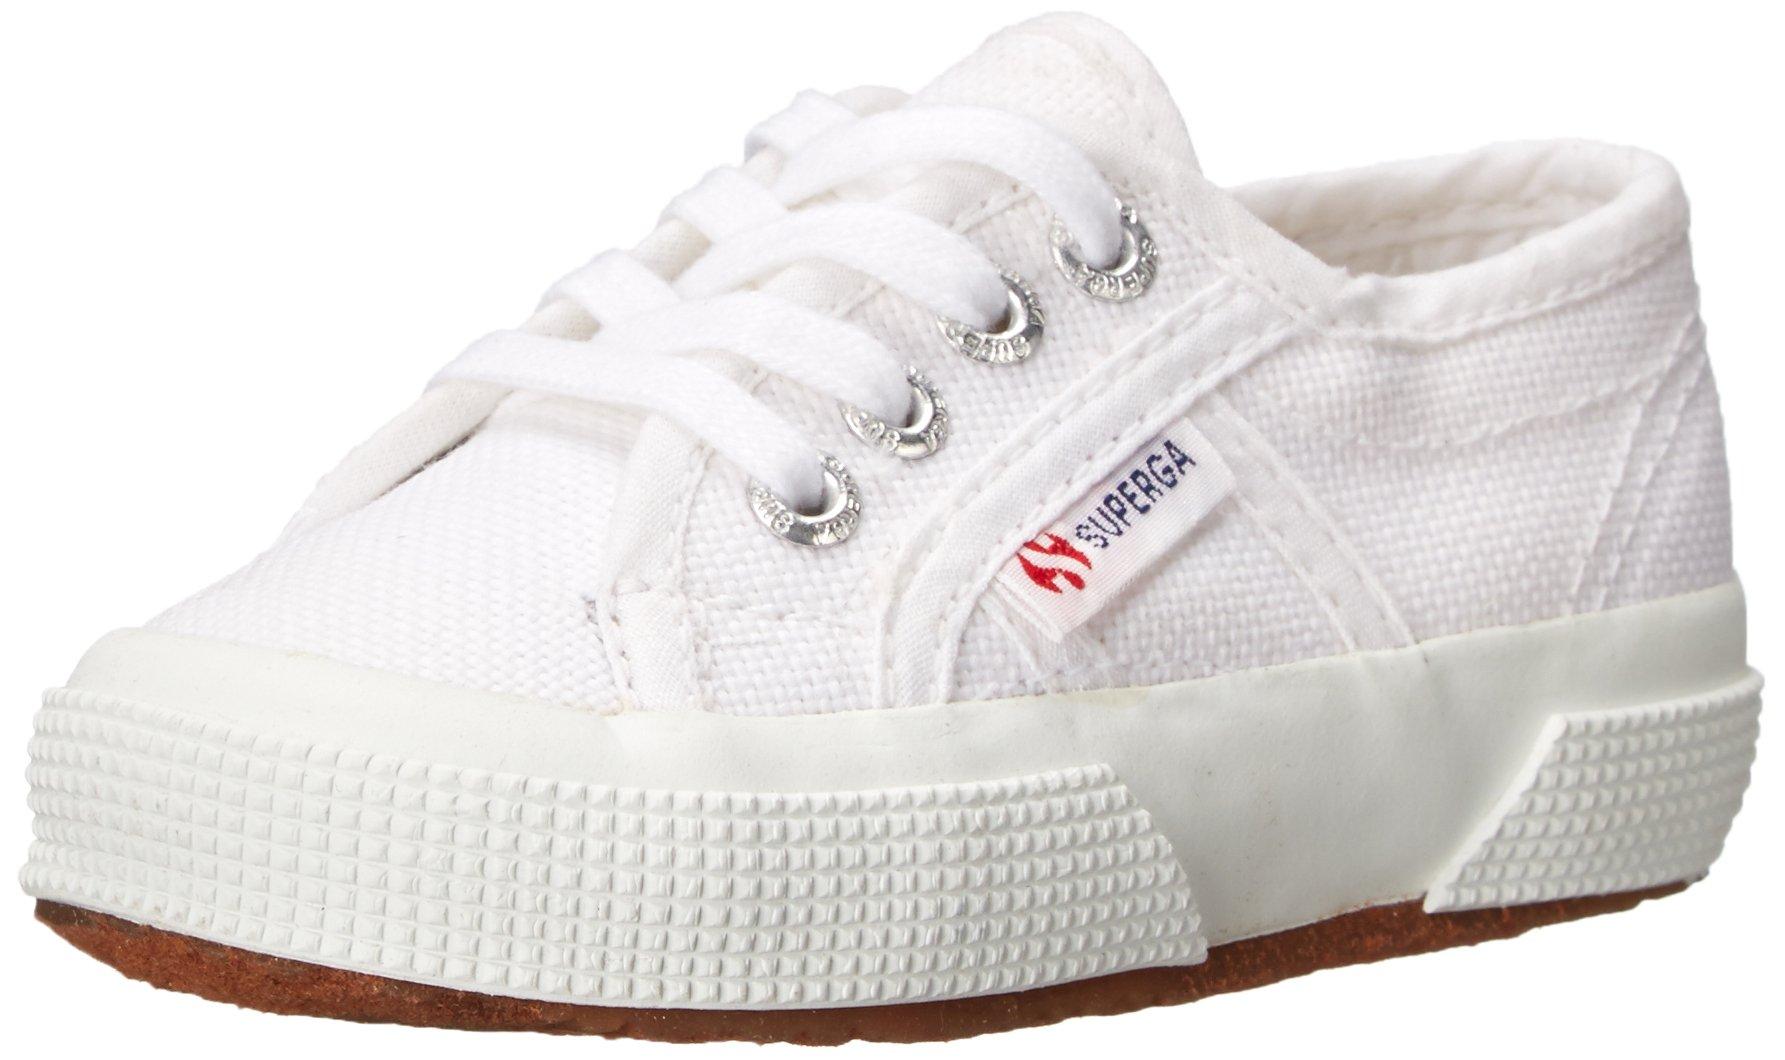 Superga Kids Unisex 2750 JCOT Classic (Toddler/Little Kid) White Sneaker 22 (US 6.5 Toddler) M